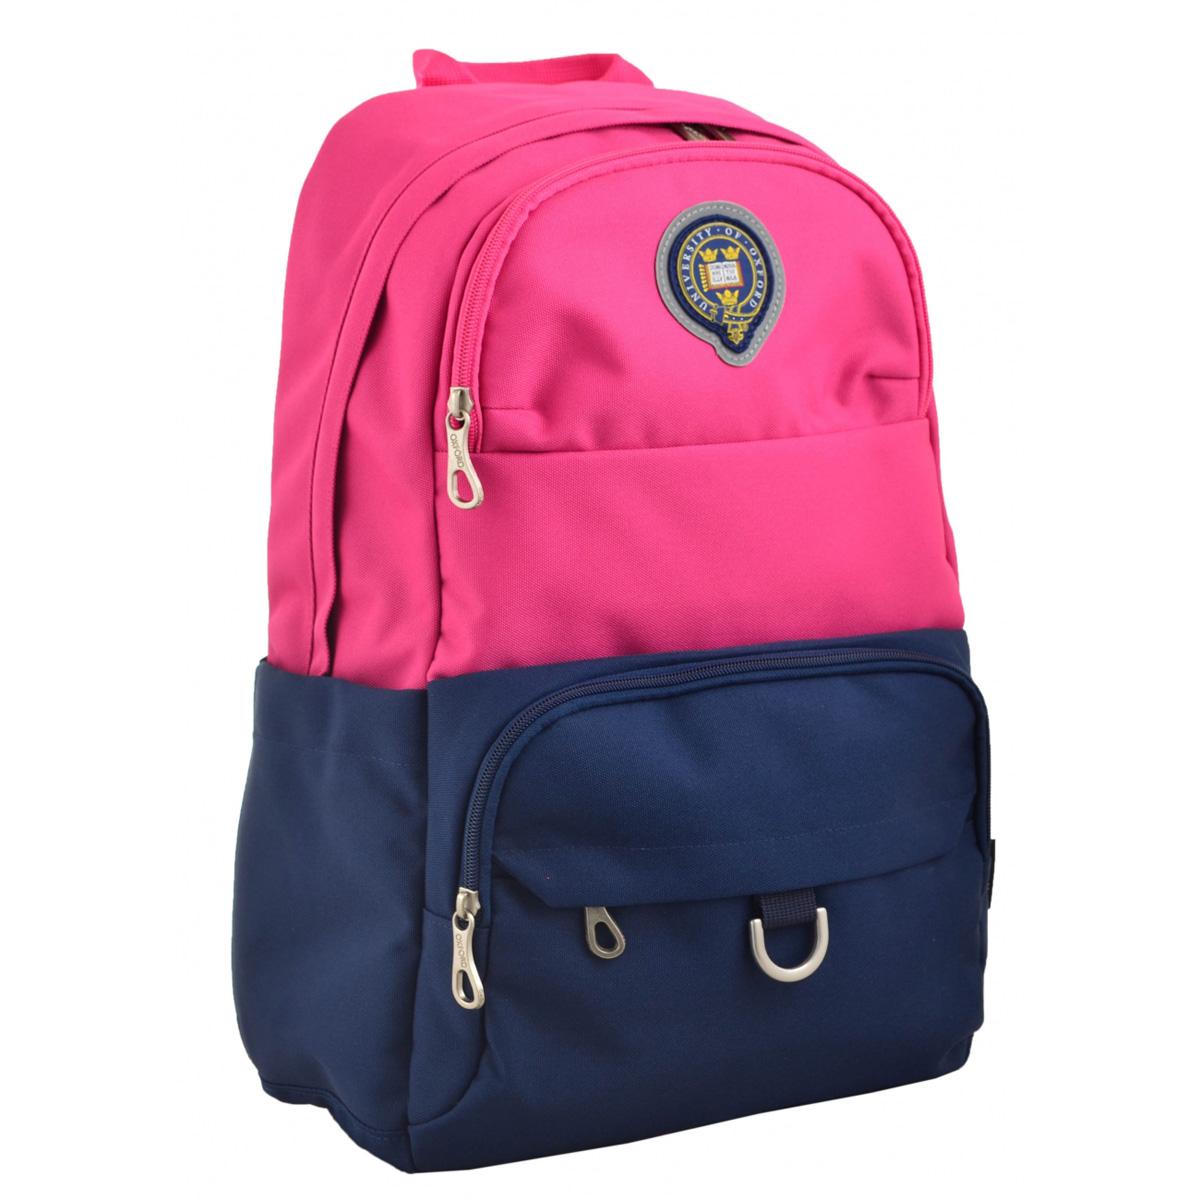 Рюкзак молодежный OX 355, 45.5*29.5*13.5, роз.-синий